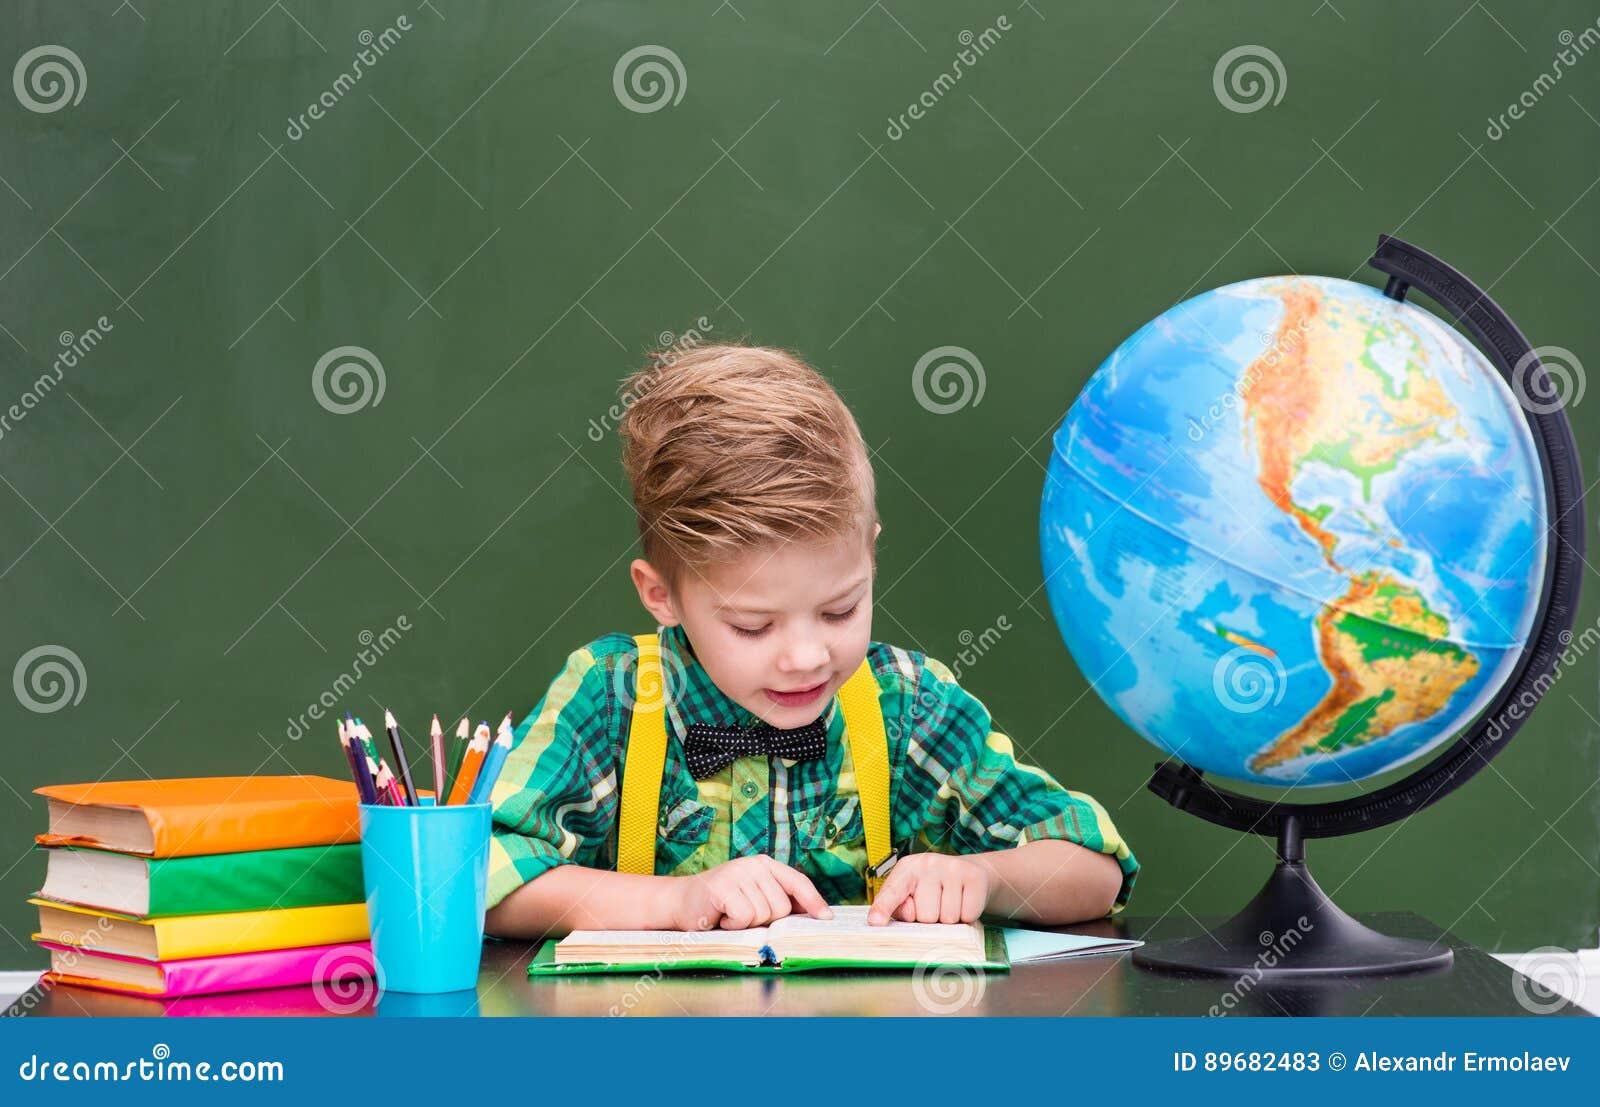 Jeune étudiant lisant un livre près du tableau vert vide